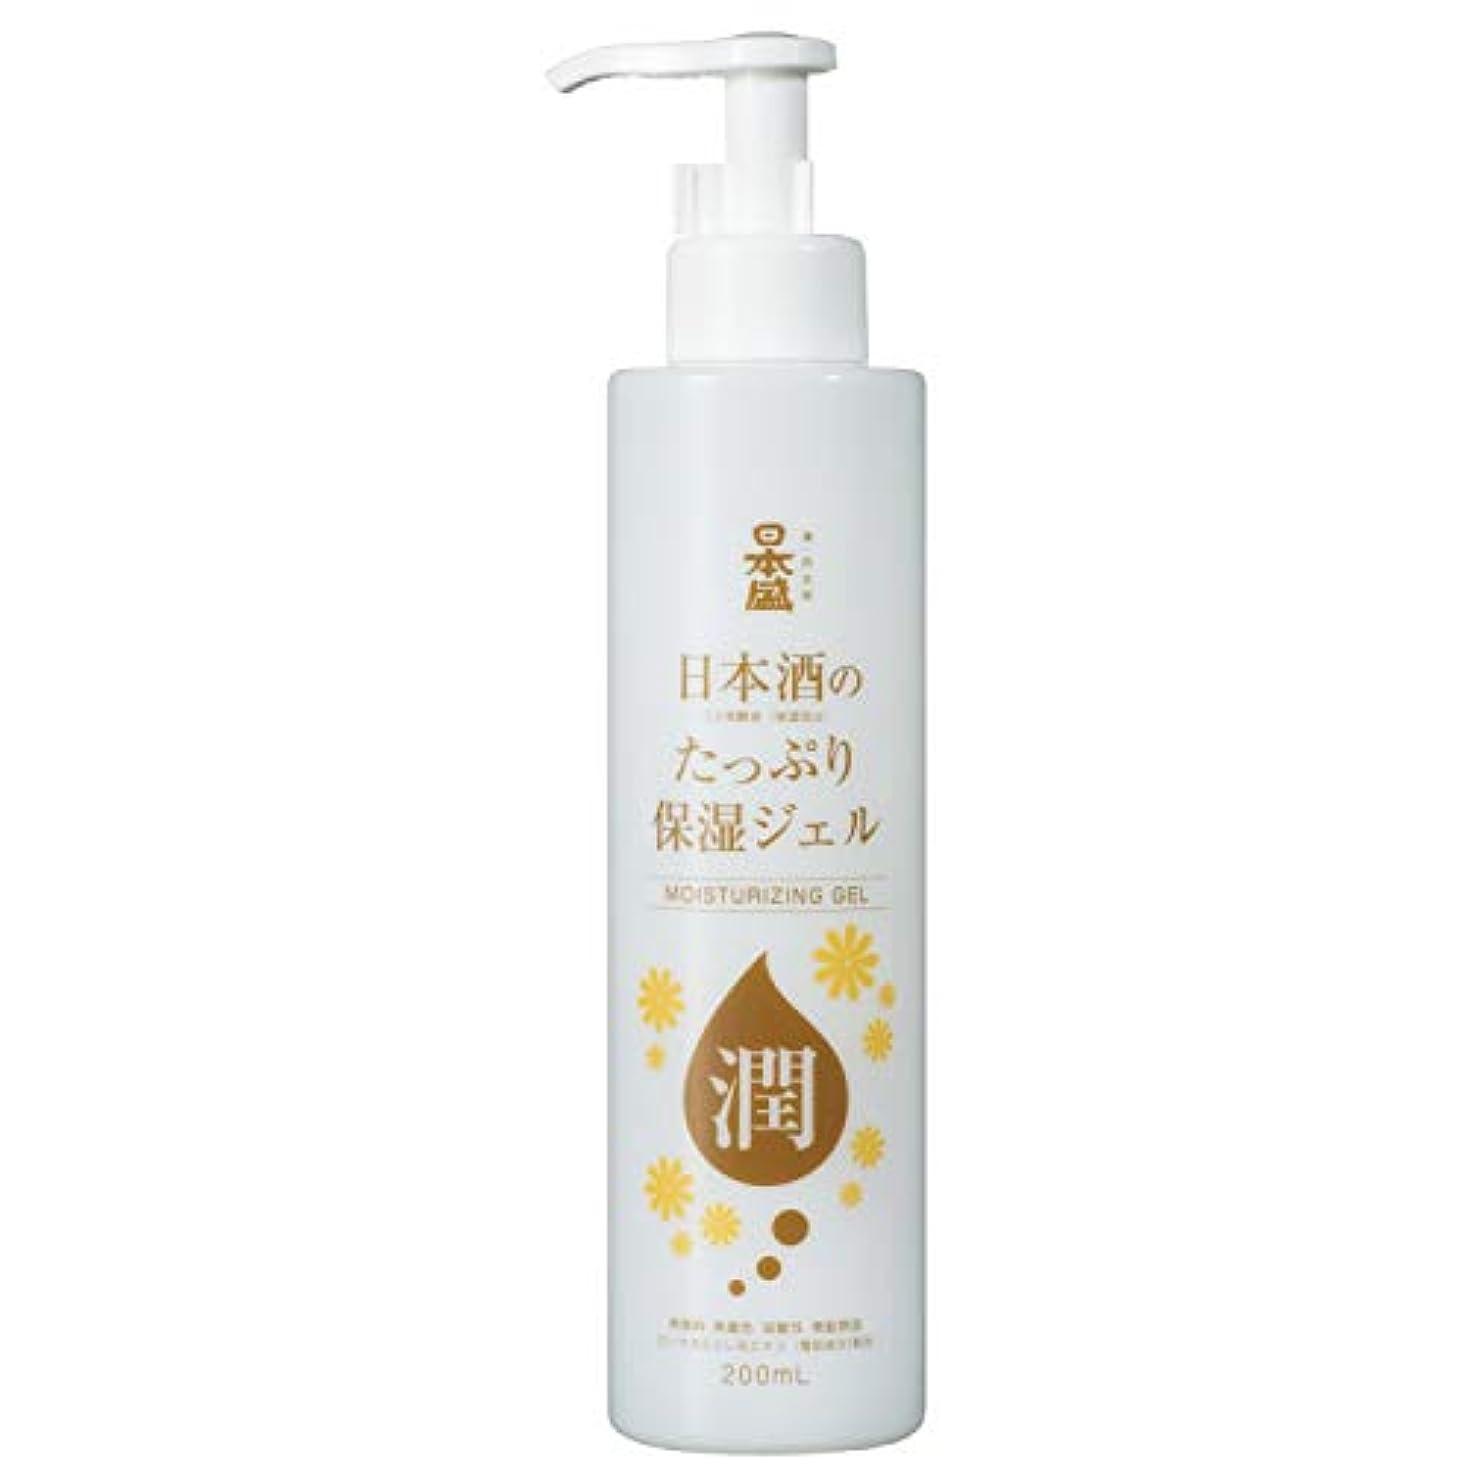 申込みサイドボードブル日本盛 日本酒のたっぷり保湿ジェル 200ml (無香料 無着色 純米酒)